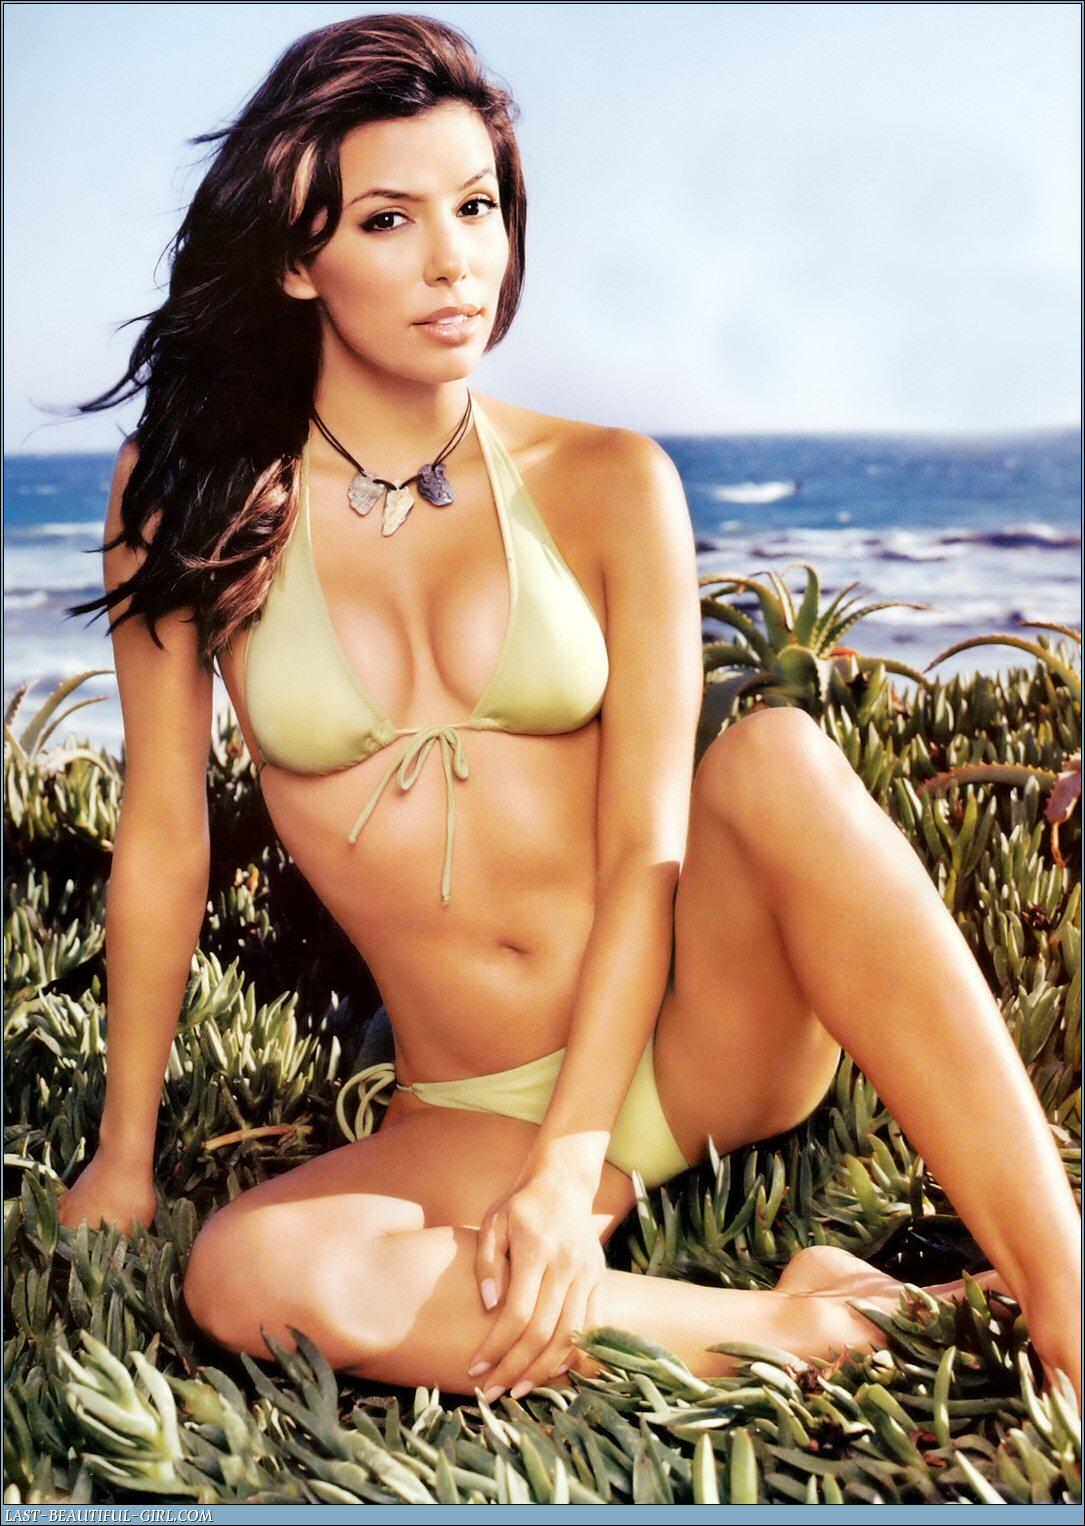 http://4.bp.blogspot.com/-1FYABQqOEb4/UQARlWK9mrI/AAAAAAAAtC4/Vy_phUxWoZo/s1600/eva_longoria_sexy_6.jpg